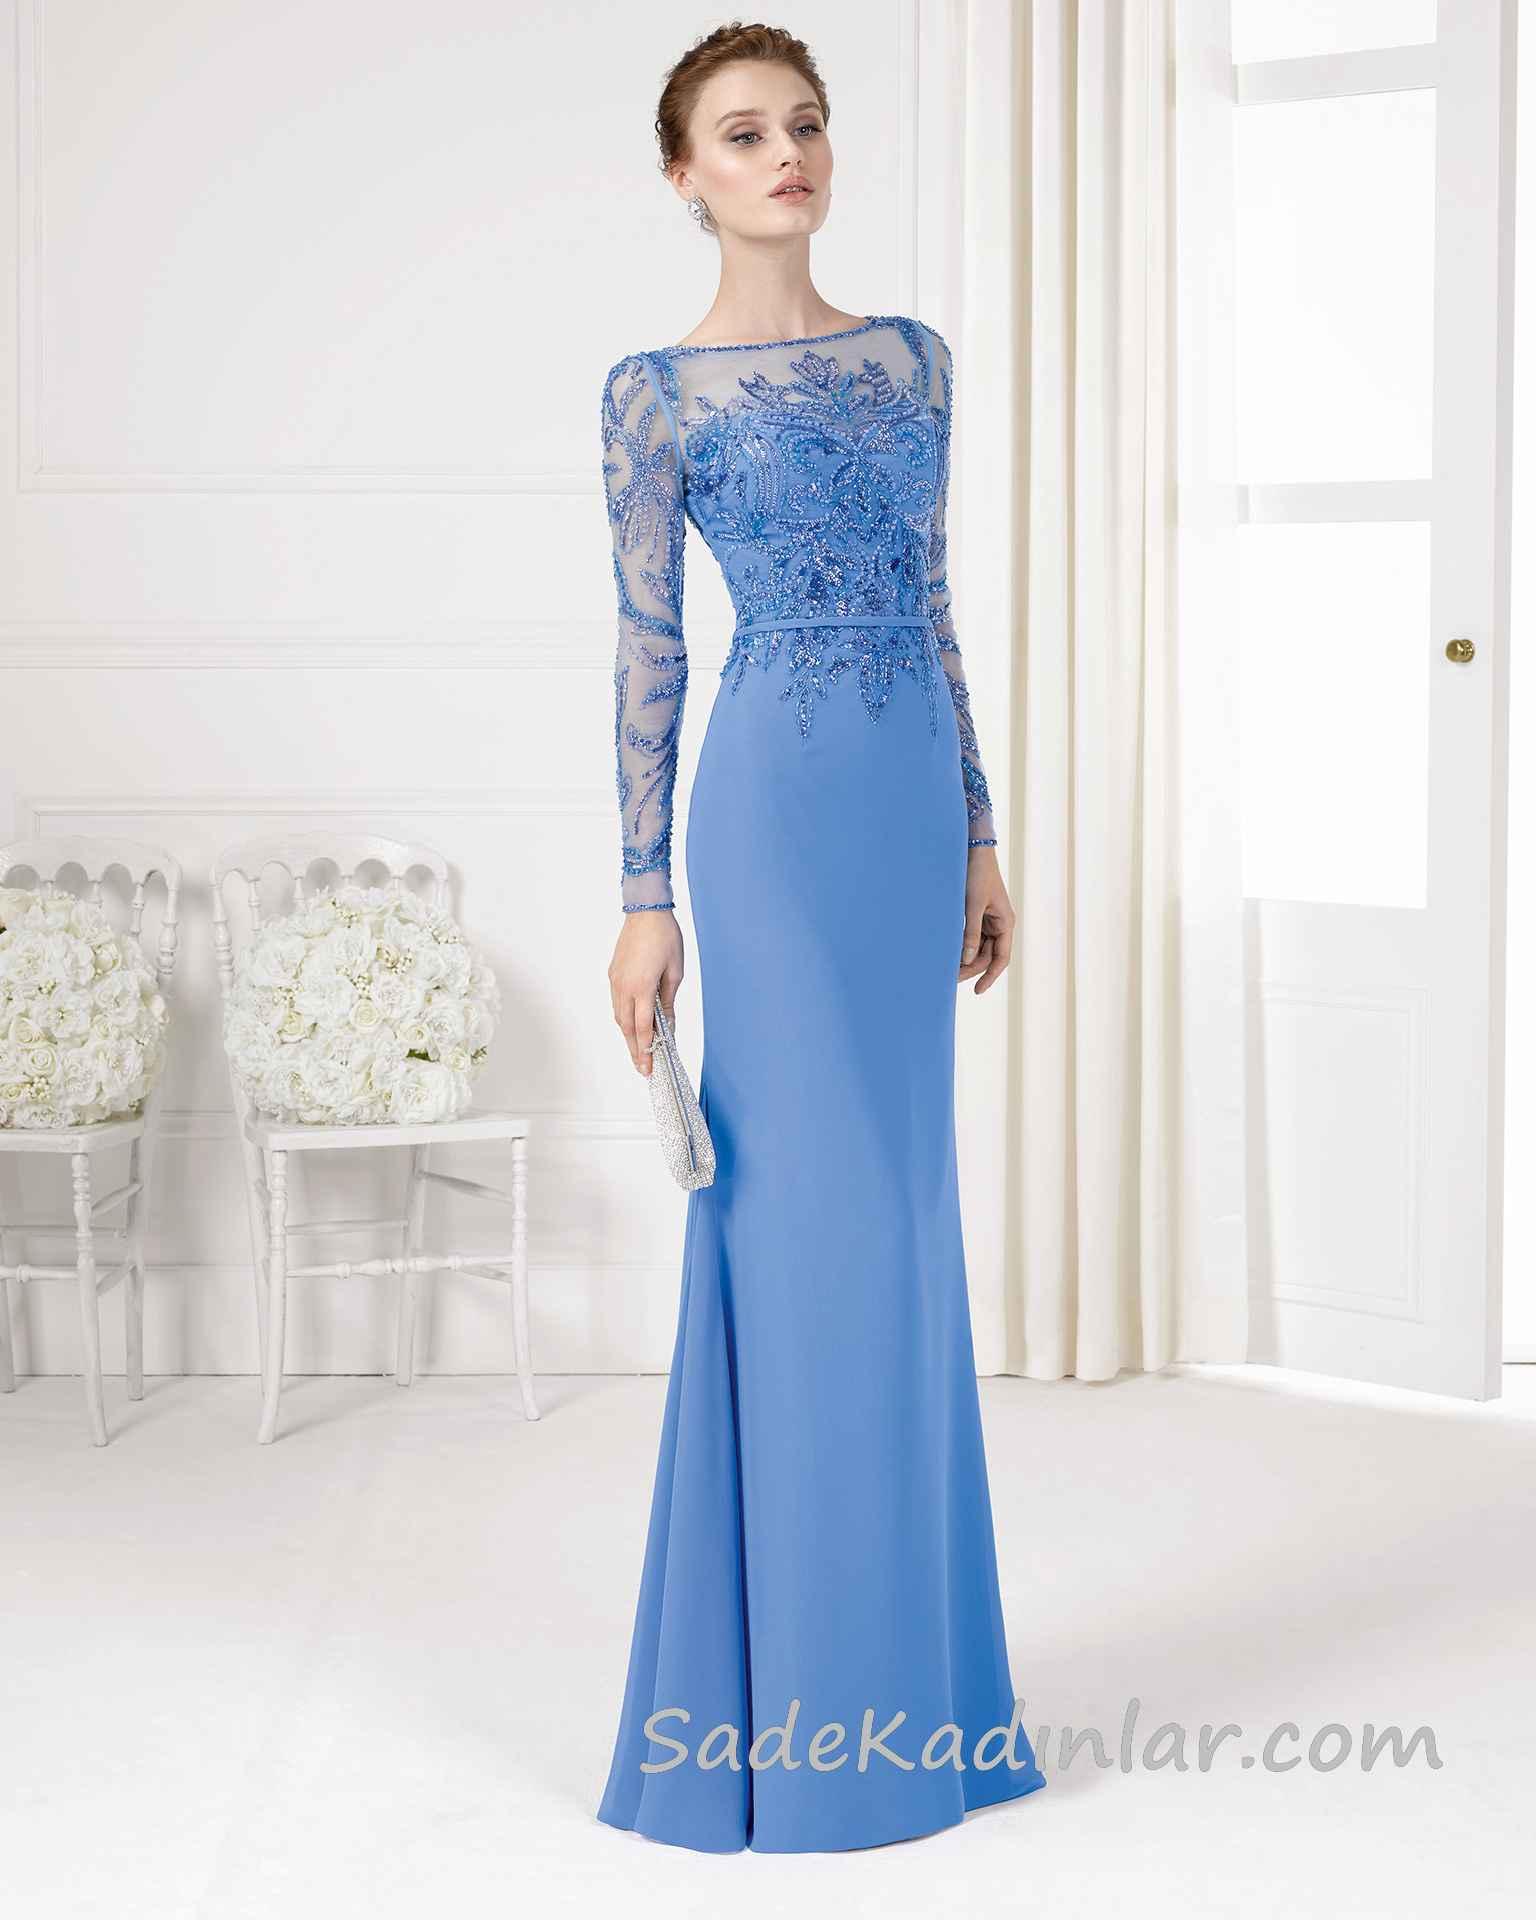 2020 Sik Abiye Modelleri Mavi Uzun Kayik Yaka Uzun Kollu Islemeli Kiyafet Kombinleri